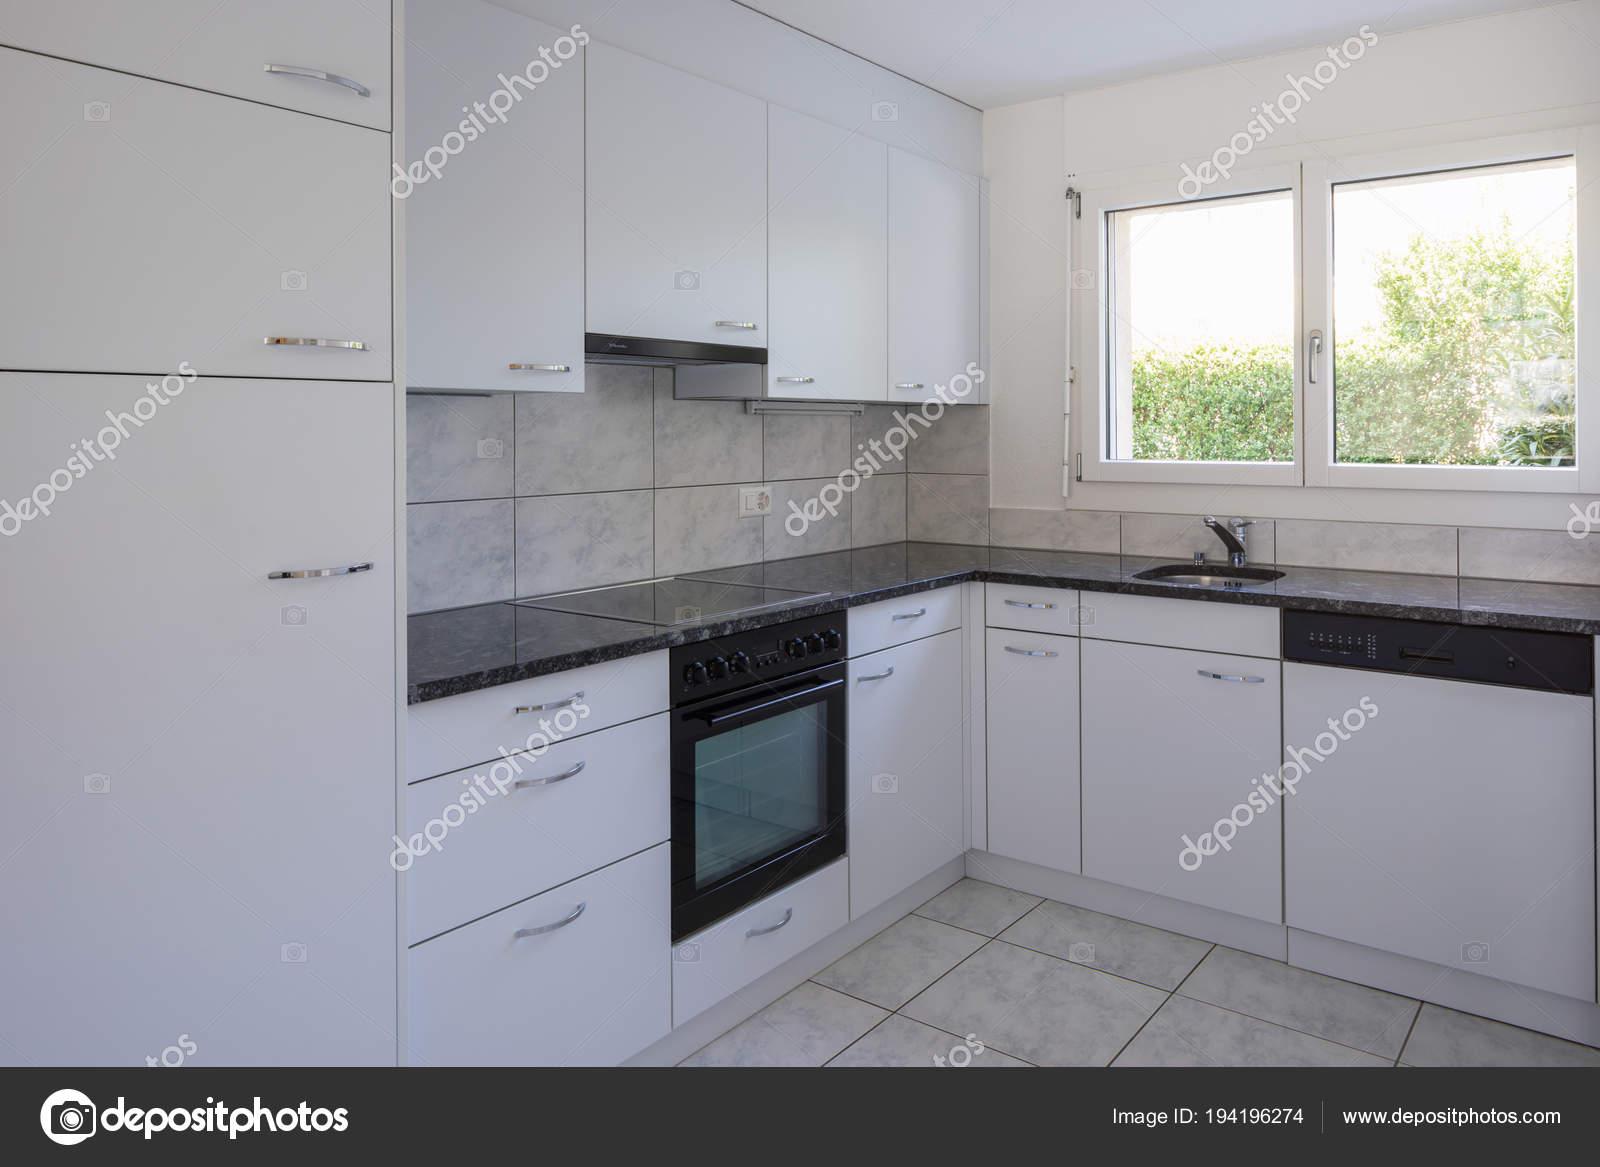 Dell annata cucina bianca con piastrelle di grandi dimensioni